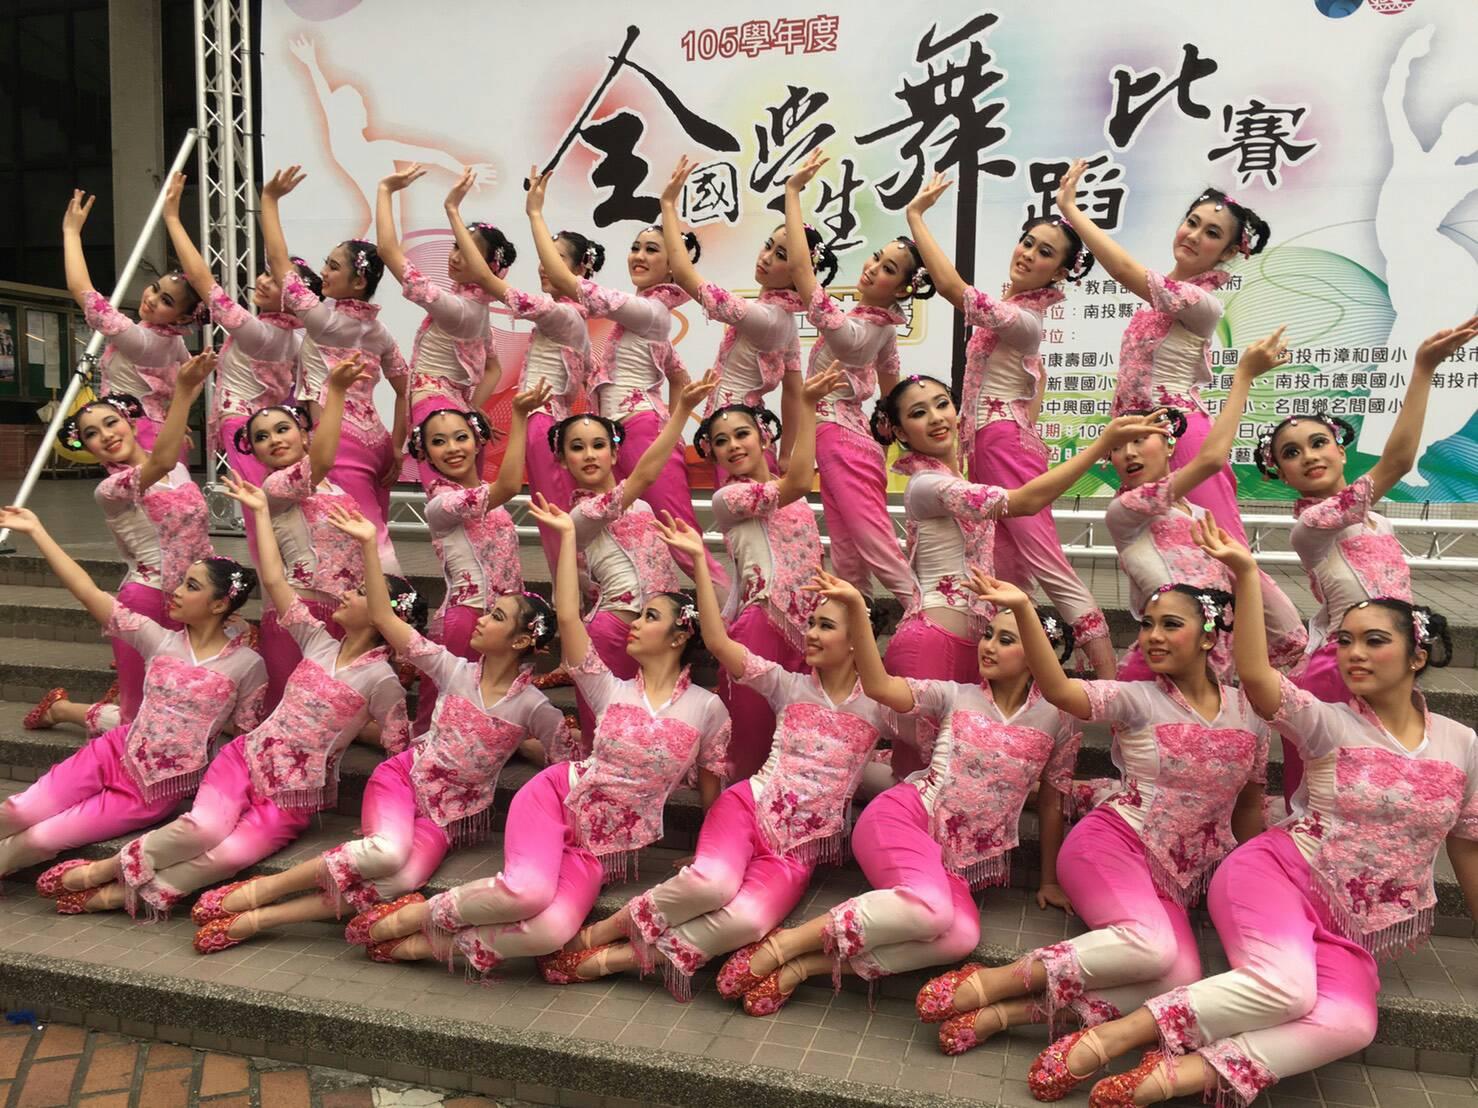 2017年3月7日,全國舞蹈搶姣鞋。(照片由新北市立江翠國中提供)